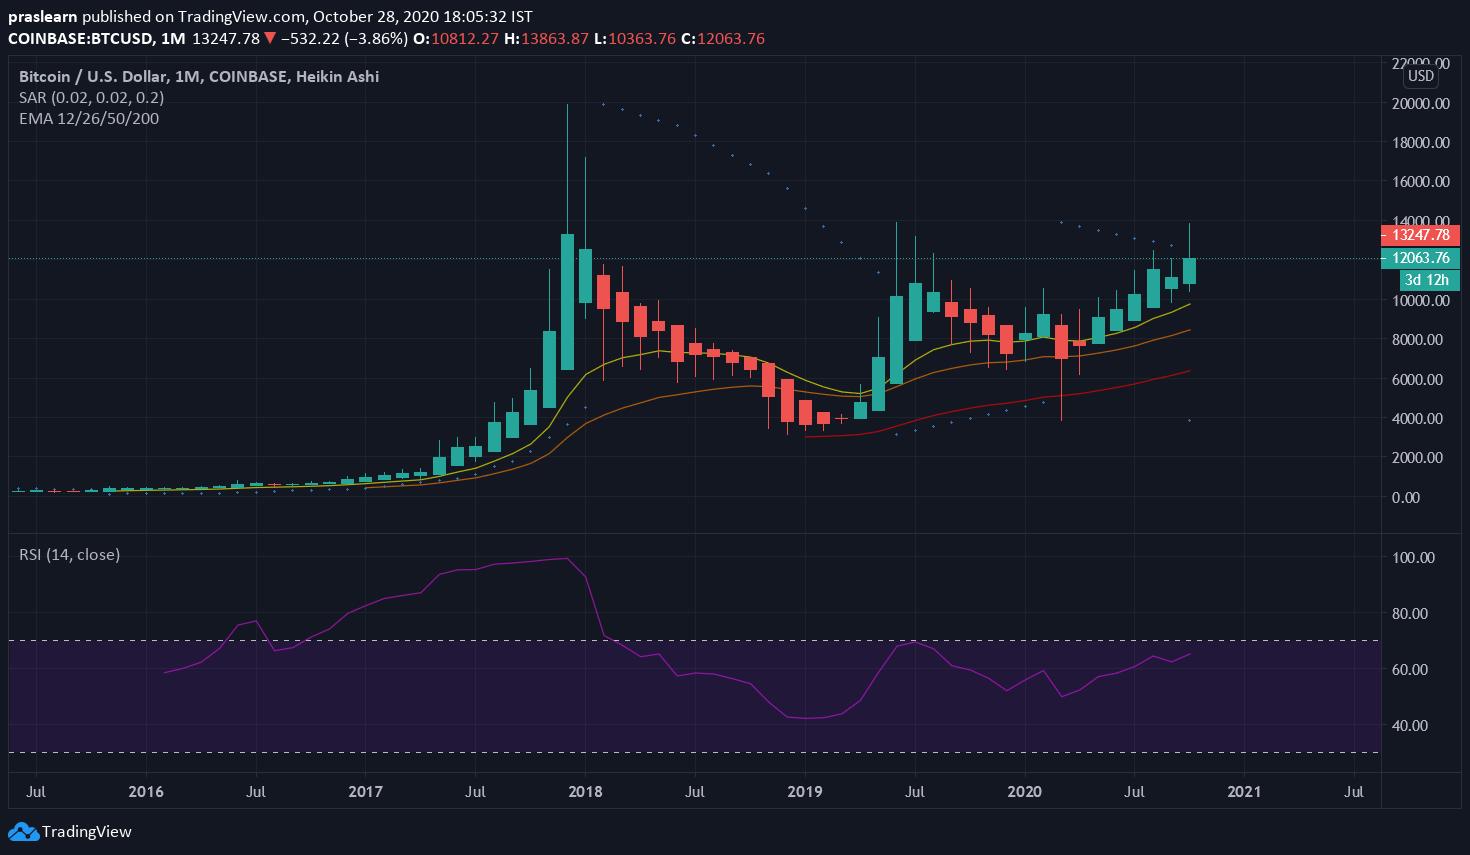 BTC/USD Monthly Price Chart: Tradingview